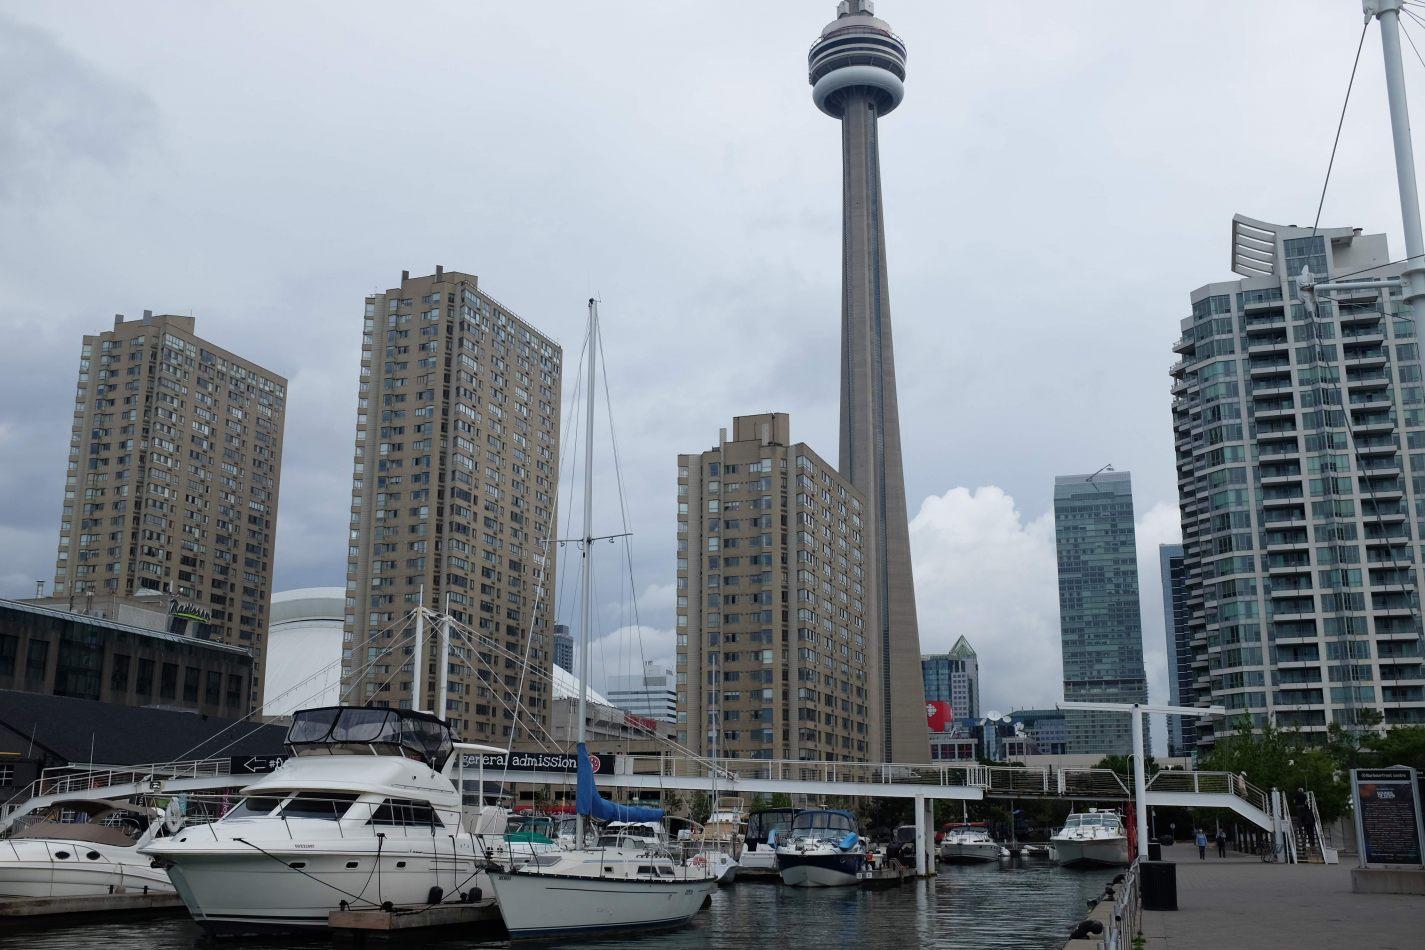 Hibiscus & Nomada : - - CN Tower